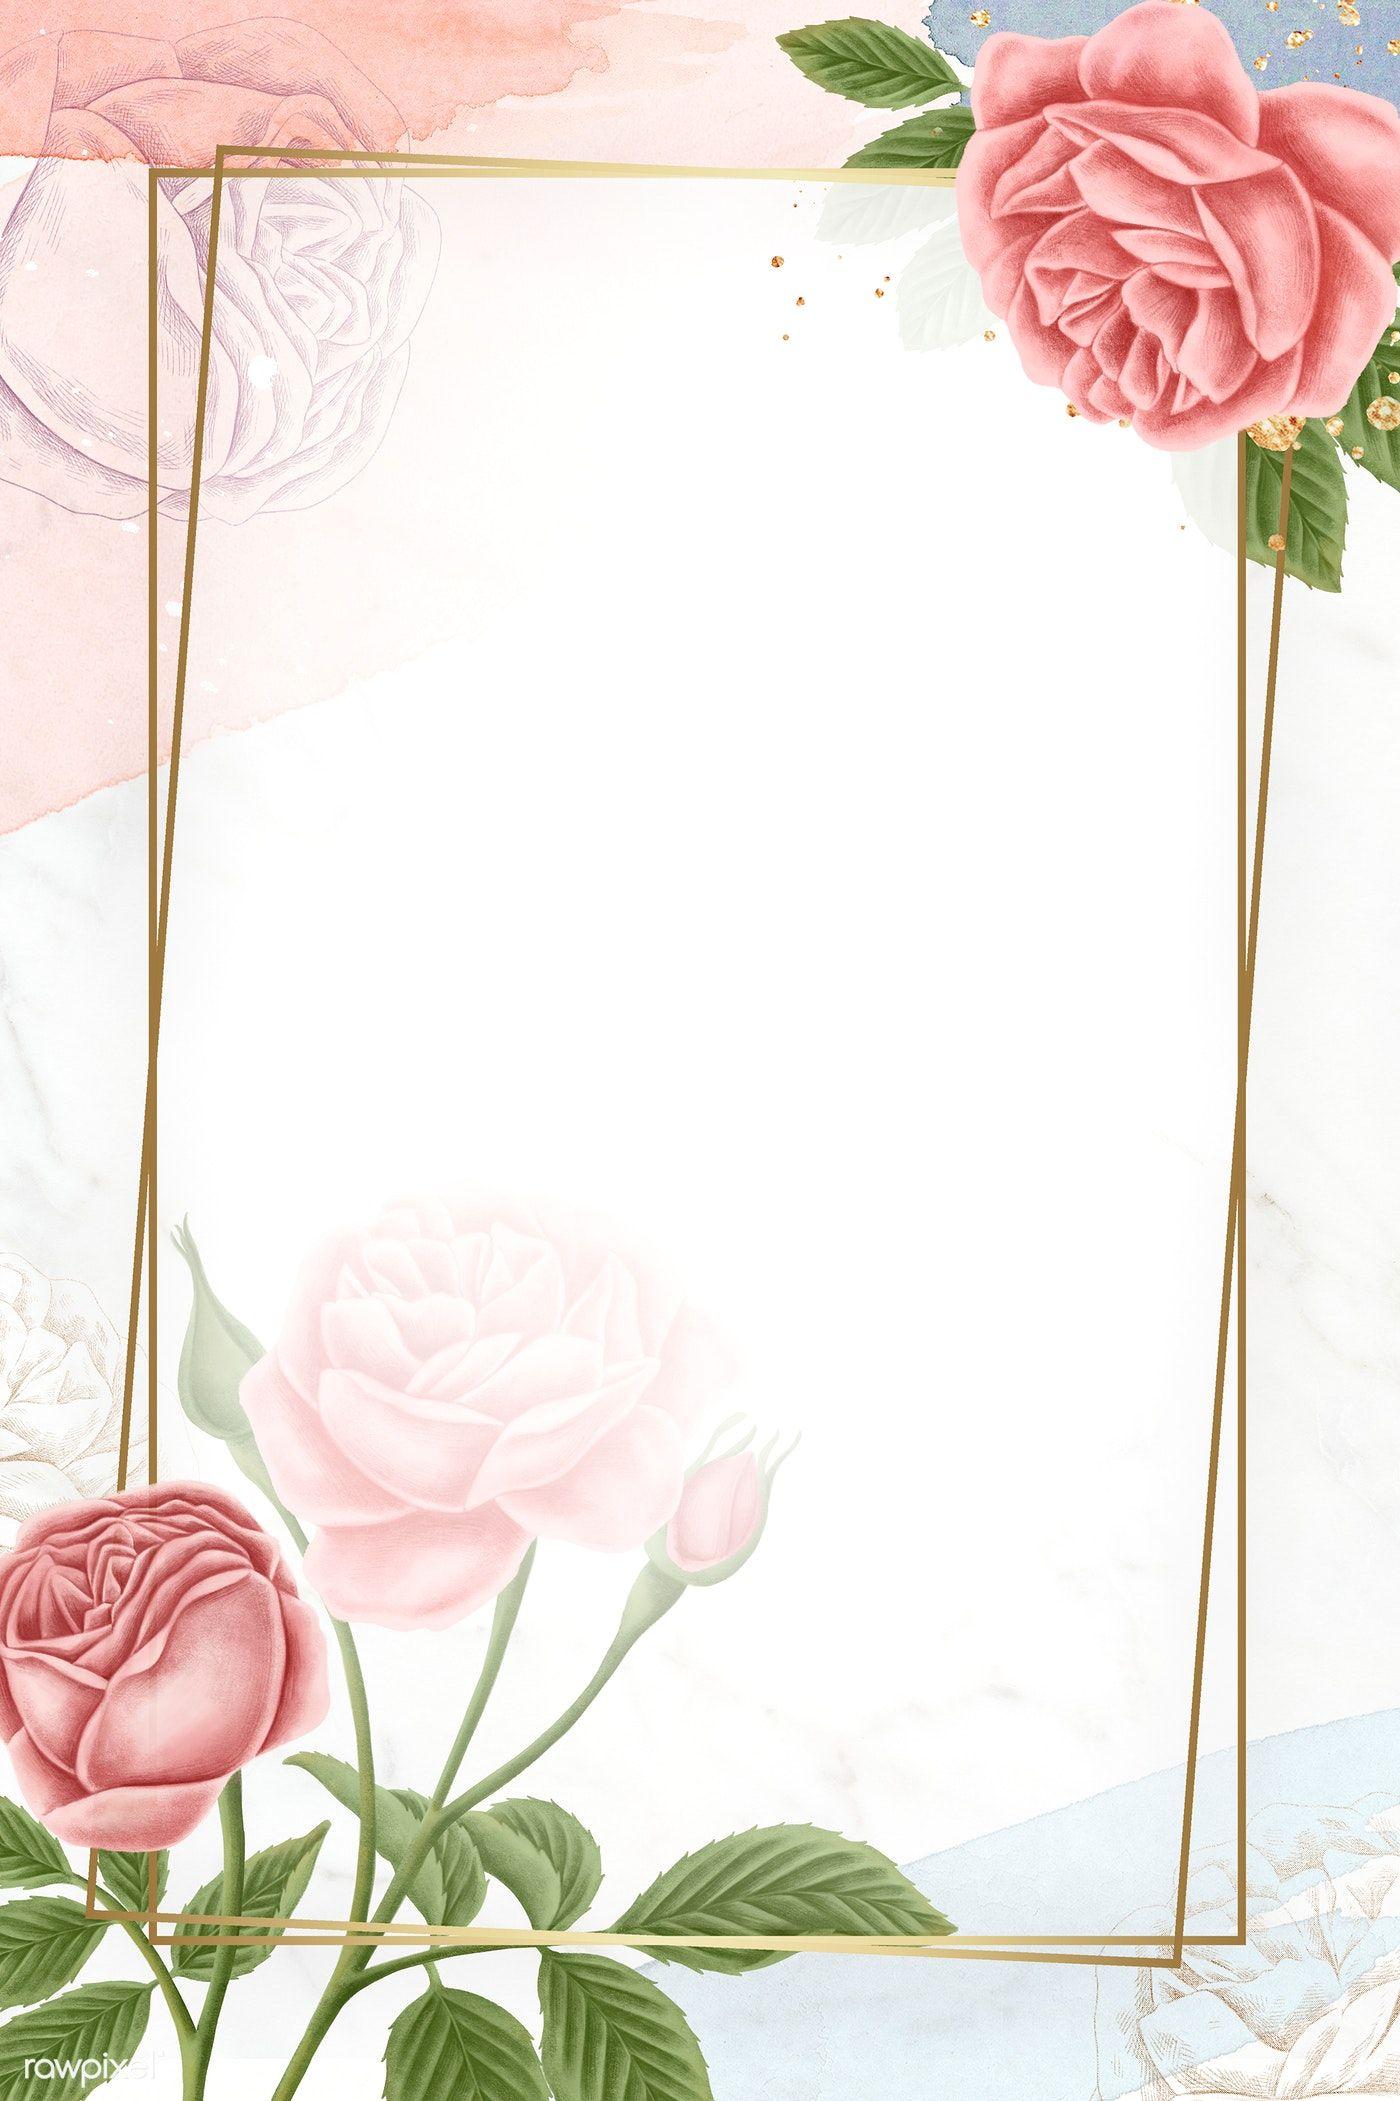 Download Premium Illustration Of Blooming Rose Floral Frame Mobile Phone In 2020 Flower Background Wallpaper Floral Poster Rose Gold Wallpaper